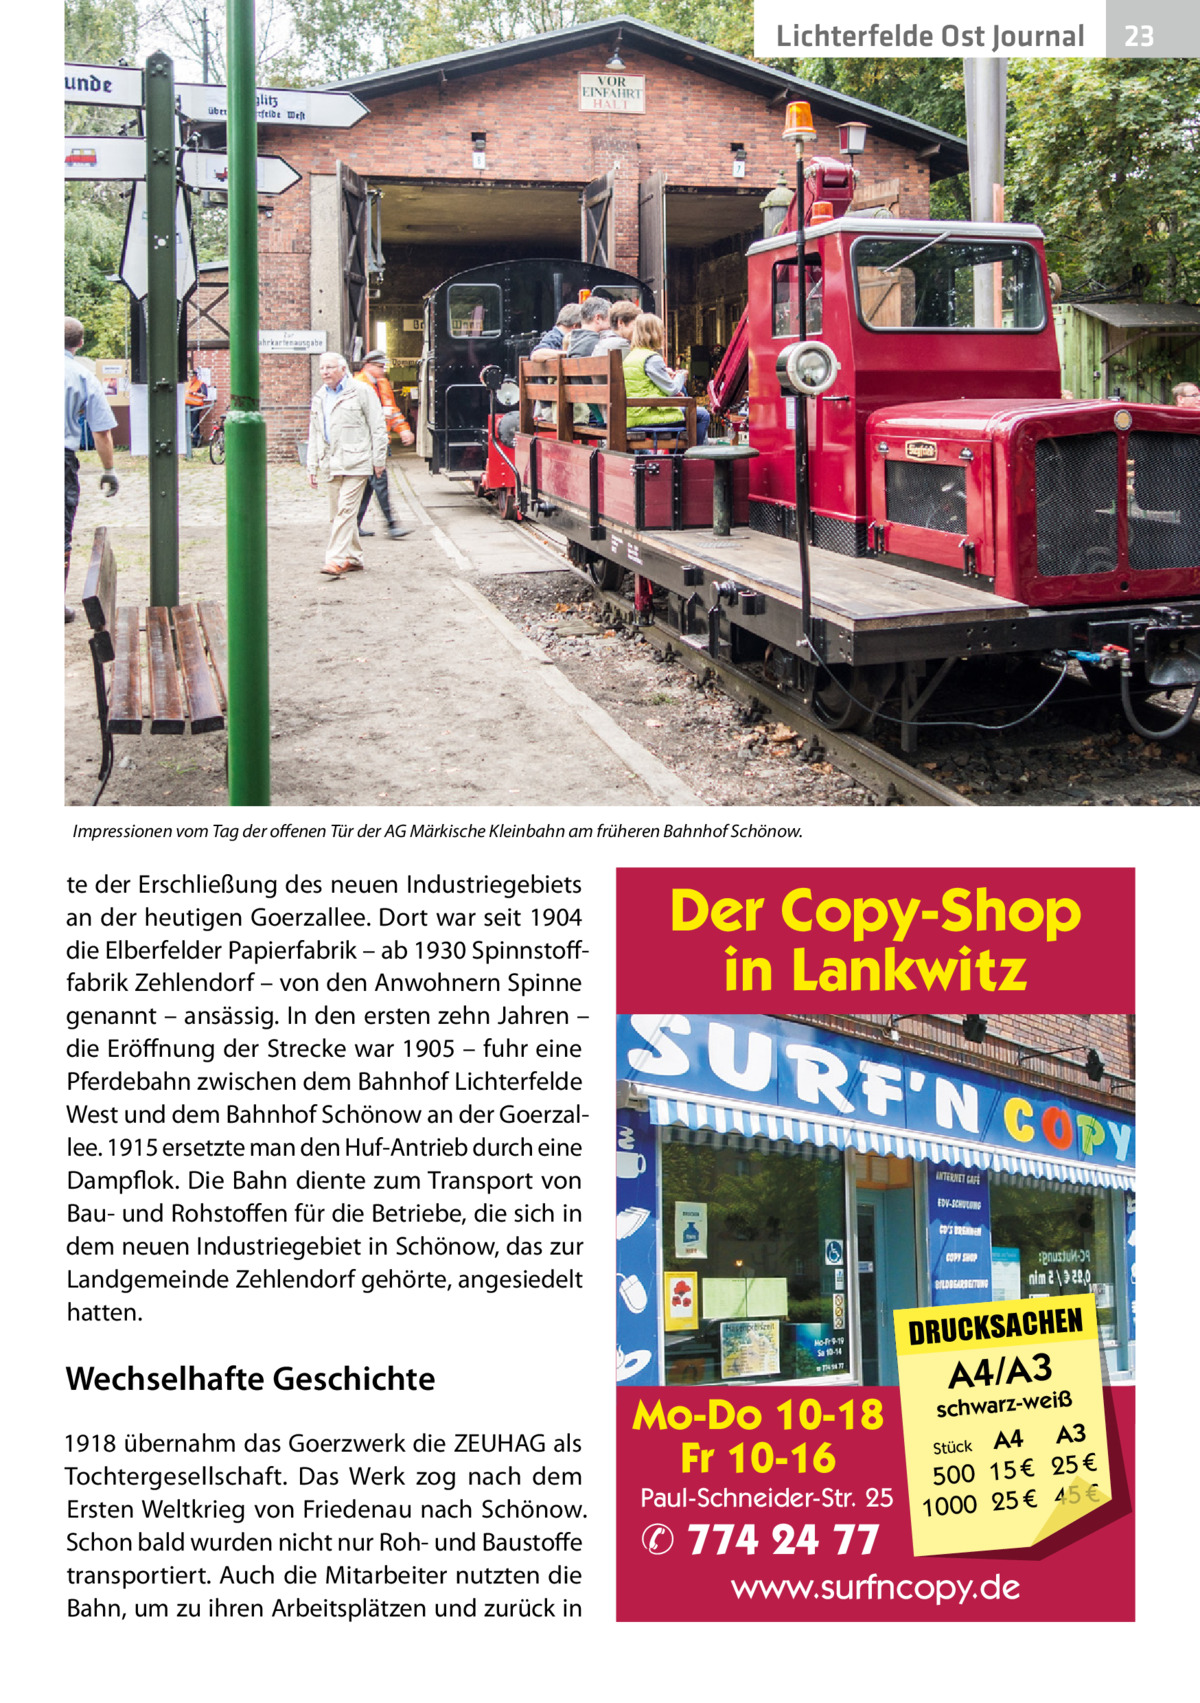 Lichterfelde Ost Journal  Impressionen vom Tag der offenen Tür der AG Märkische Kleinbahn am früheren Bahnhof Schönow.  te der Erschließung des neuen Industriegebiets an der heutigen Goerzallee. Dort war seit 1904 die Elberfelder Papierfabrik – ab 1930 Spinnstofffabrik Zehlendorf – von den Anwohnern Spinne genannt – ansässig. In den ersten zehn Jahren – die Eröffnung der Strecke war 1905 – fuhr eine Pferdebahn zwischen dem Bahnhof Lichterfelde West und dem Bahnhof Schönow an der Goerzallee. 1915 ersetzte man den Huf-Antrieb durch eine Dampflok. Die Bahn diente zum Transport von Bau- und Rohstoffen für die Betriebe, die sich in dem neuen Industriegebiet in Schönow, das zur Landgemeinde Zehlendorf gehörte, angesiedelt hatten.  Wechselhafte Geschichte 1918 übernahm das Goerzwerk die ZEUHAG als Tochtergesellschaft. Das Werk zog nach dem Ersten Weltkrieg von Friedenau nach Schönow. Schon bald wurden nicht nur Roh- und Baustoffe transportiert. Auch die Mitarbeiter nutzten die Bahn, um zu ihren Arbeitsplätzen und zurück in  Der Copy-Shop in Lankwitz  DRUCKSACHEN  Mo-Do 10-18 Fr 10-16  Paul-Schneider-Str. 25  ✆ 774 24 77  A4/A3  schwarz-weiß  A3 Stück A4 € 500 15 € 25 € 45 € 1000 25  www.surfncopy.de  23 23